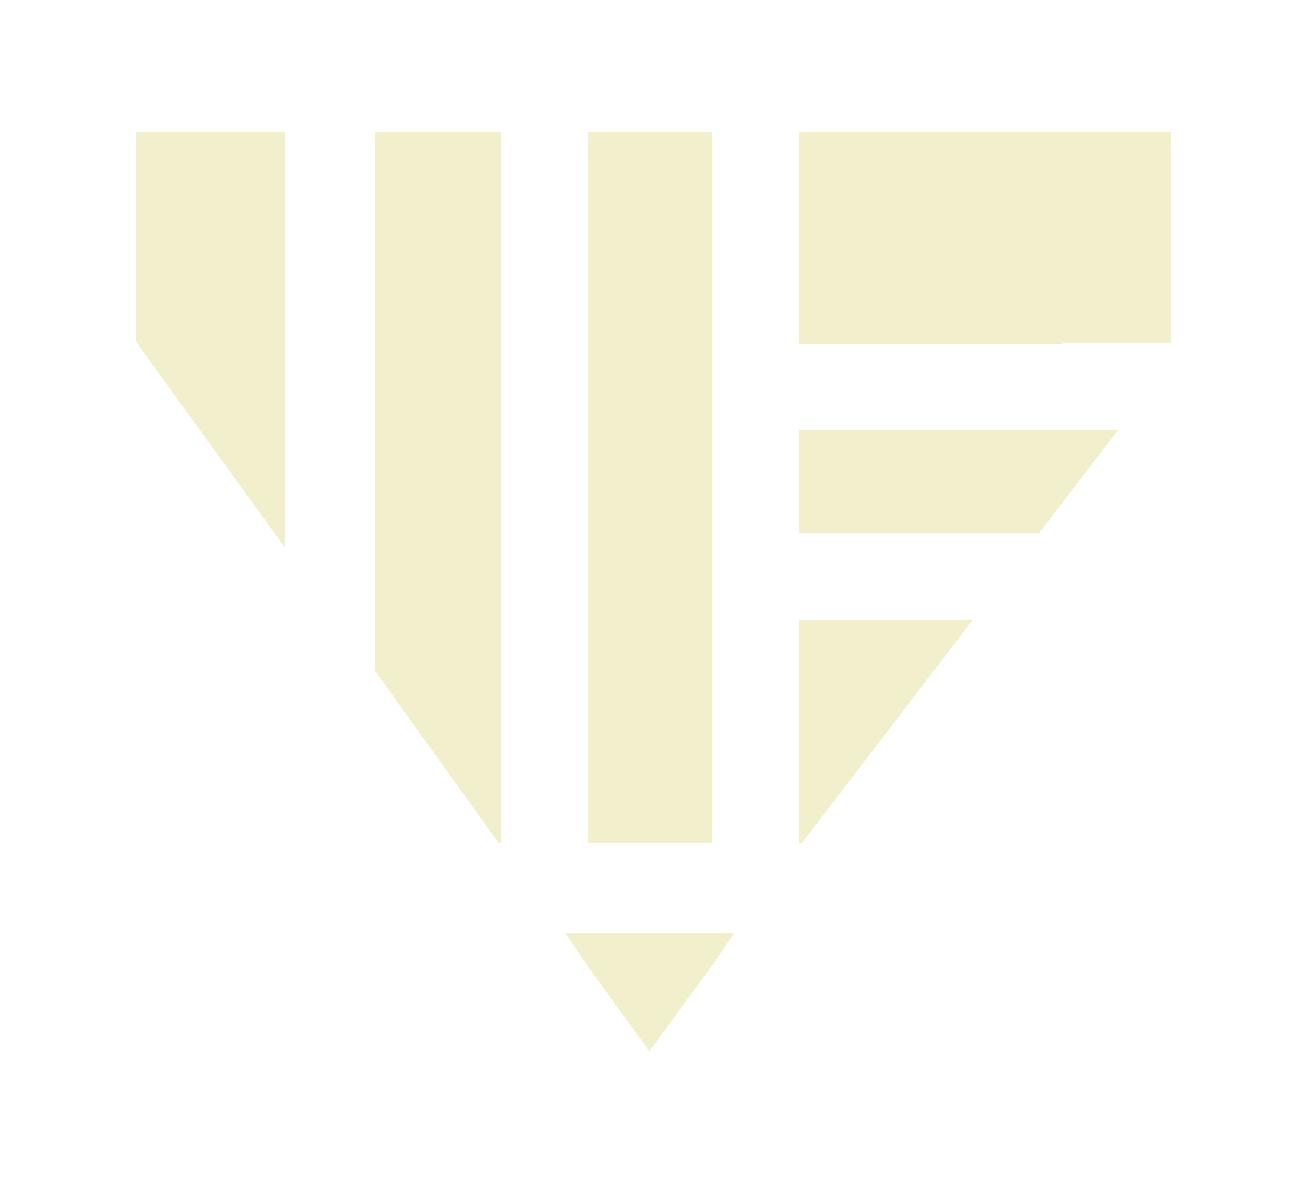 Weldon Fultz | Online Portfolio